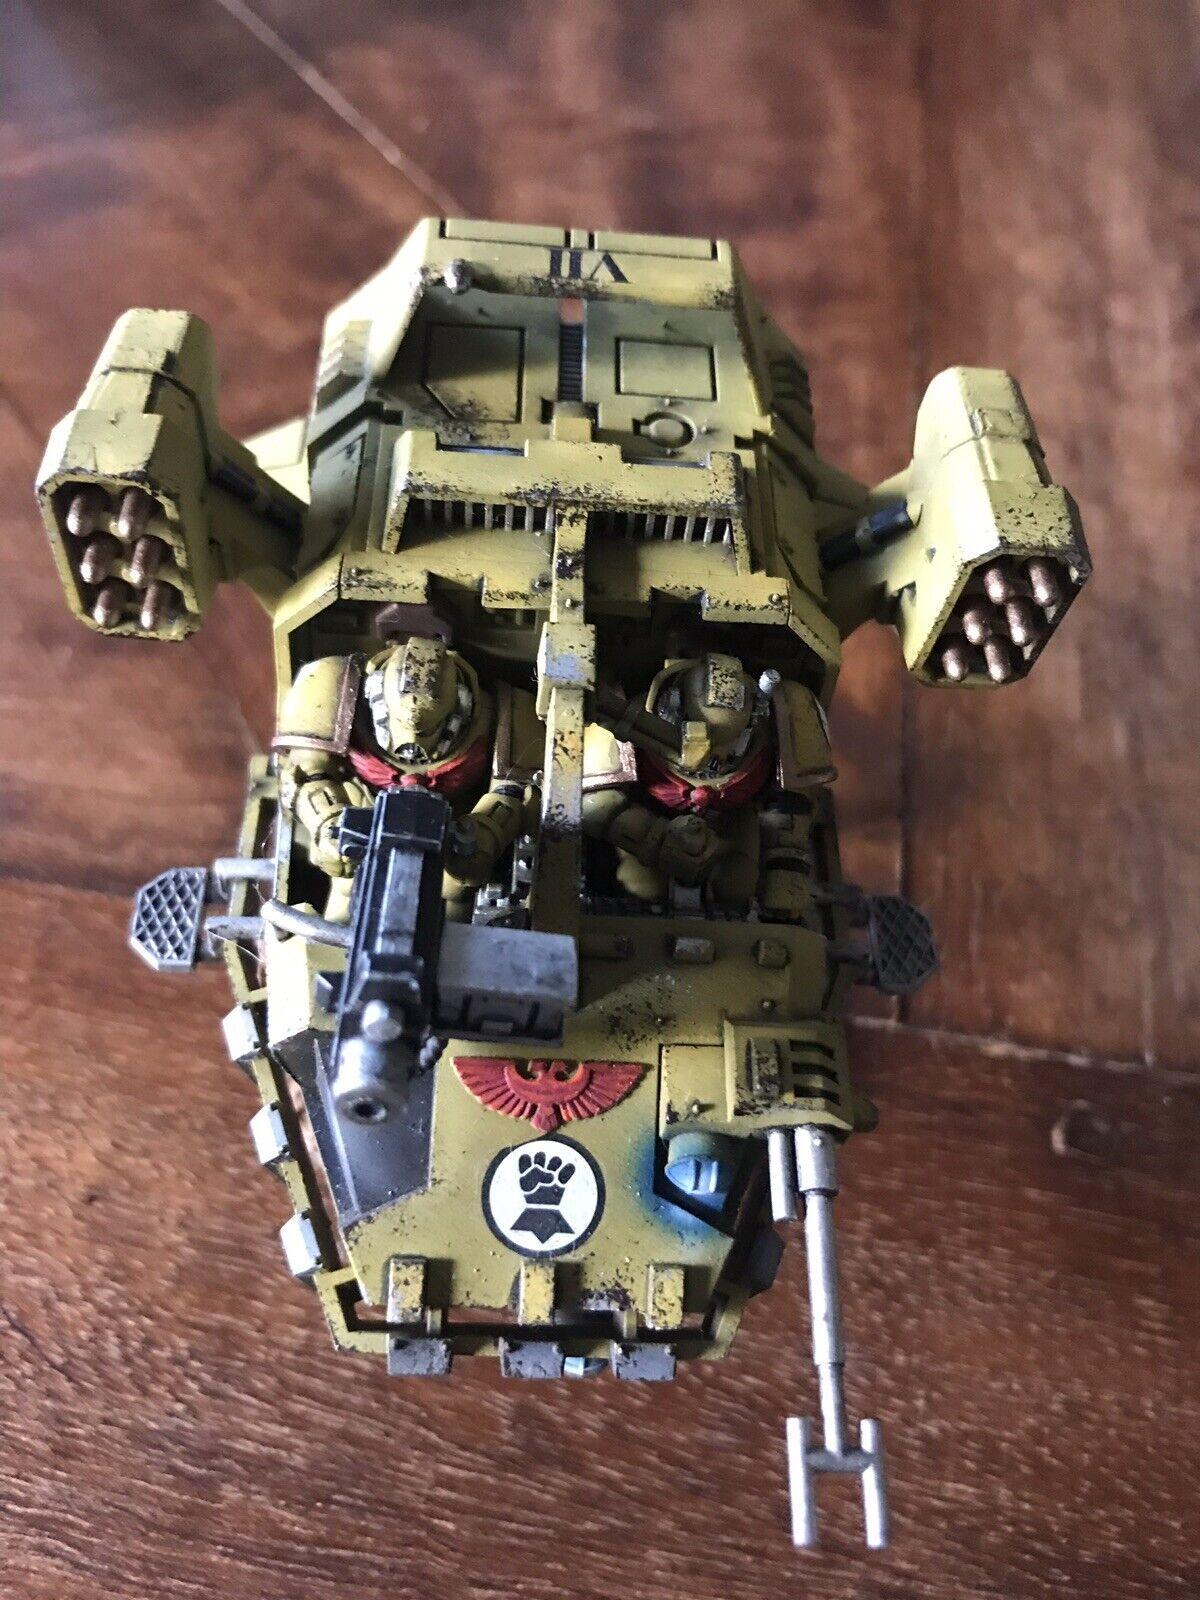 Warhammer 40k Space Marines Army Painted Landspeeder Typhoon Games Workshop